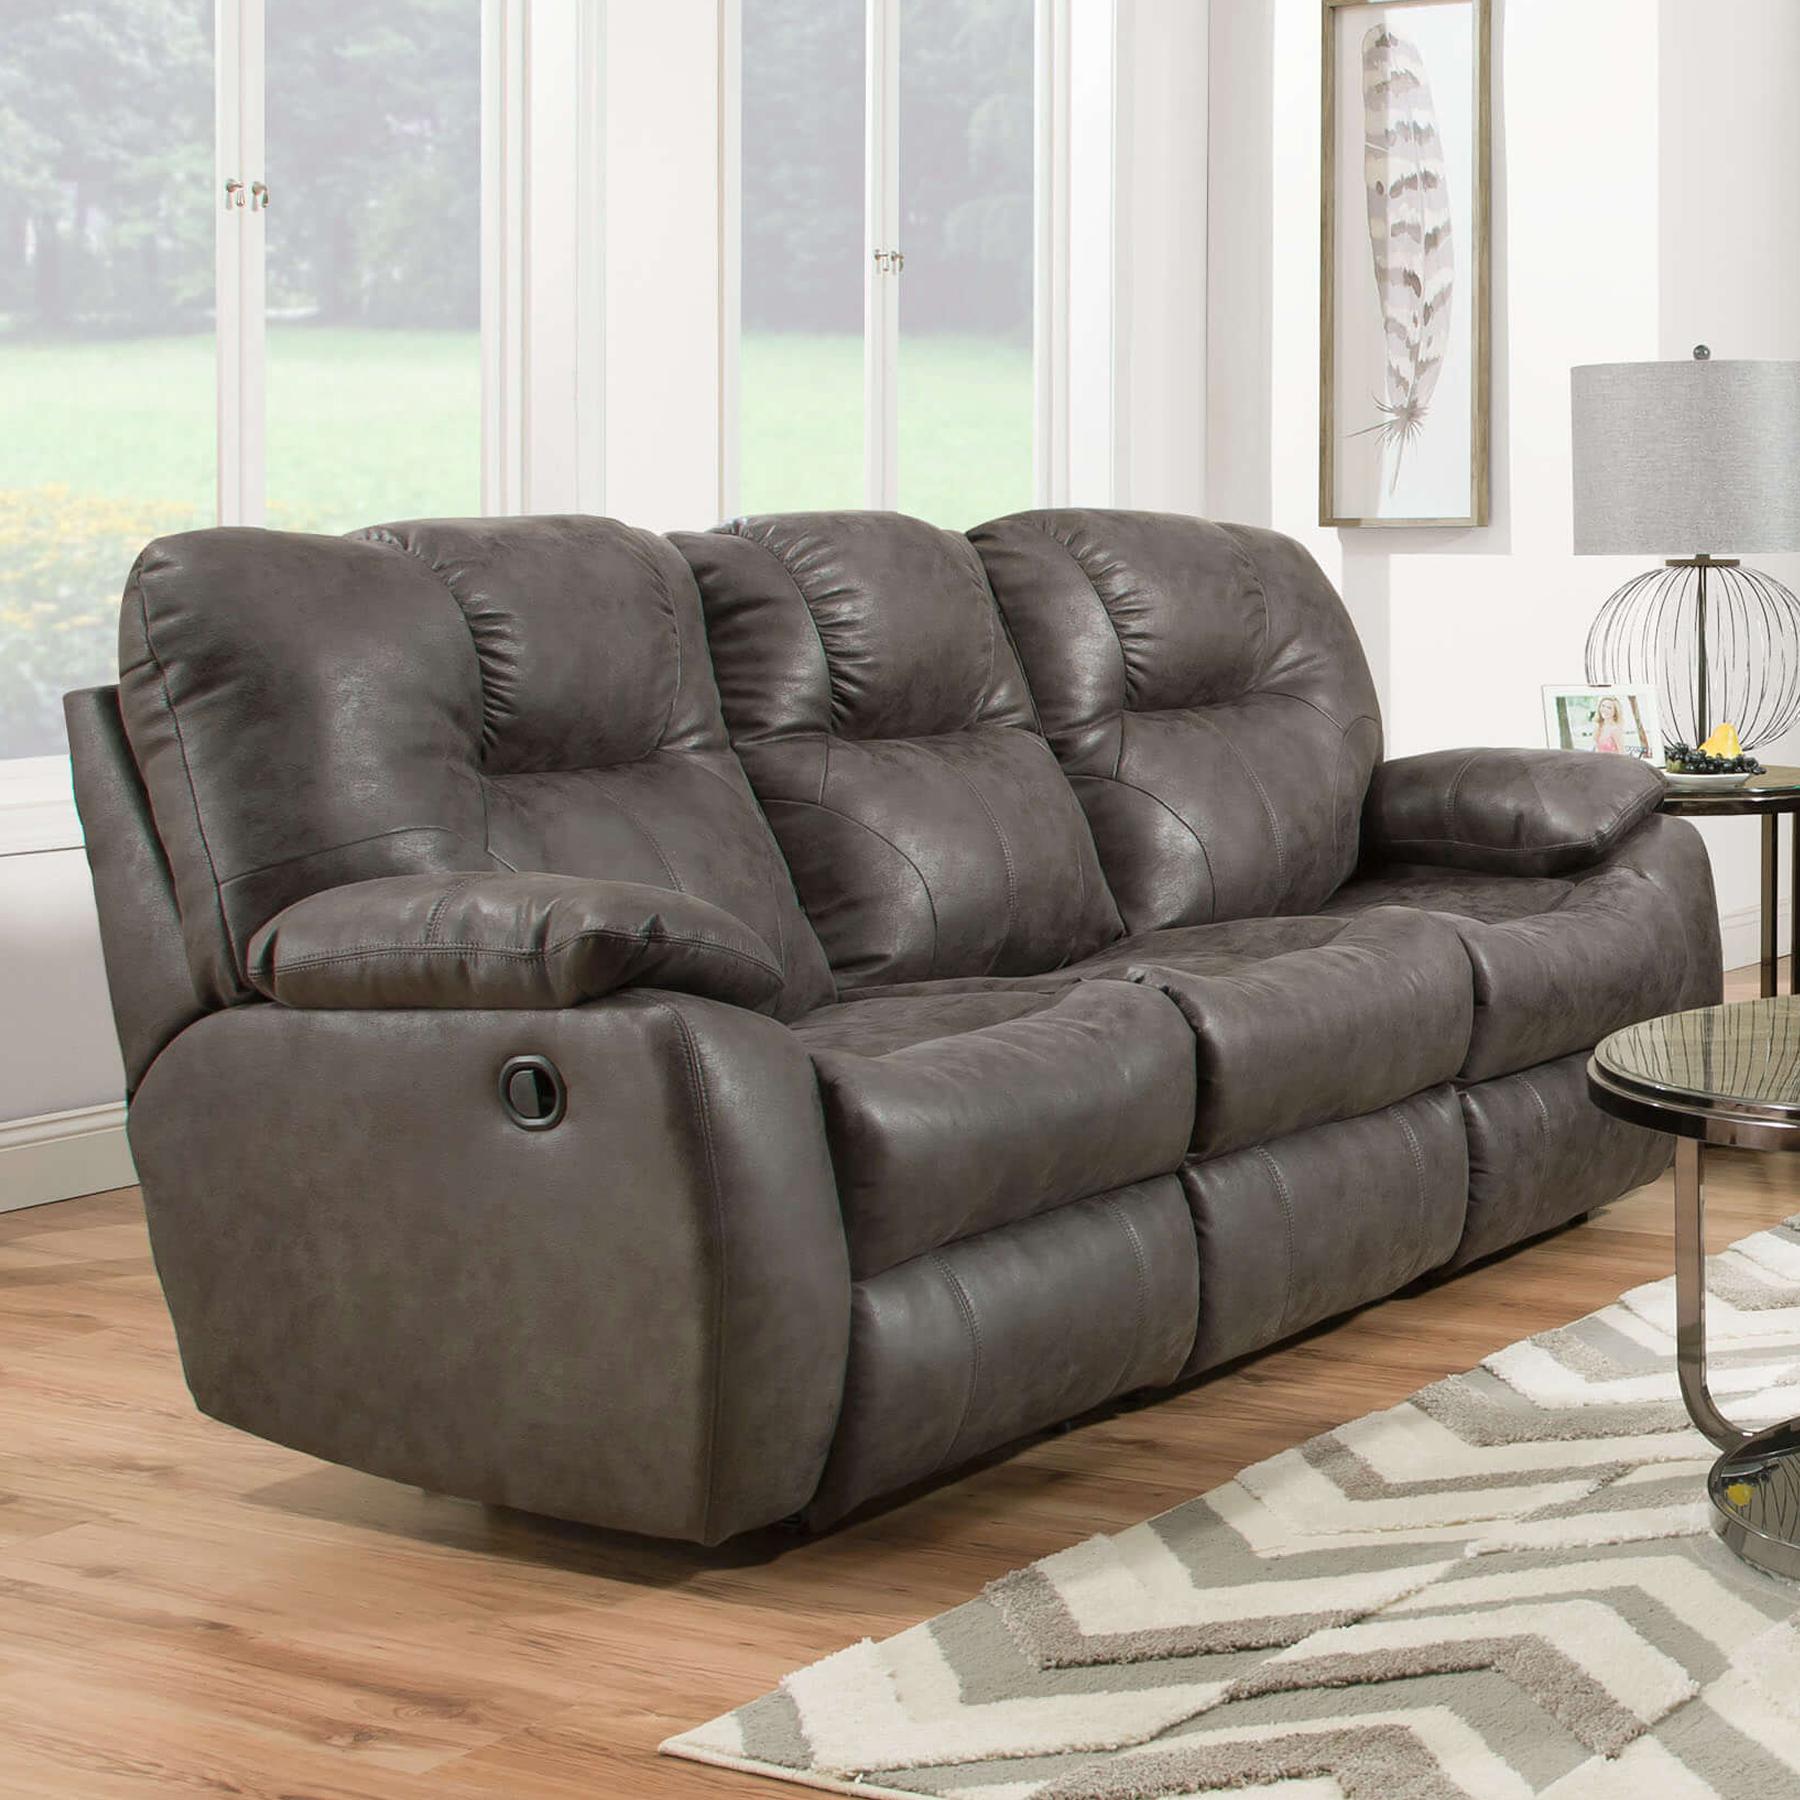 Avalon 838 Reclining Sofa 140 Fabrics And Sofas And